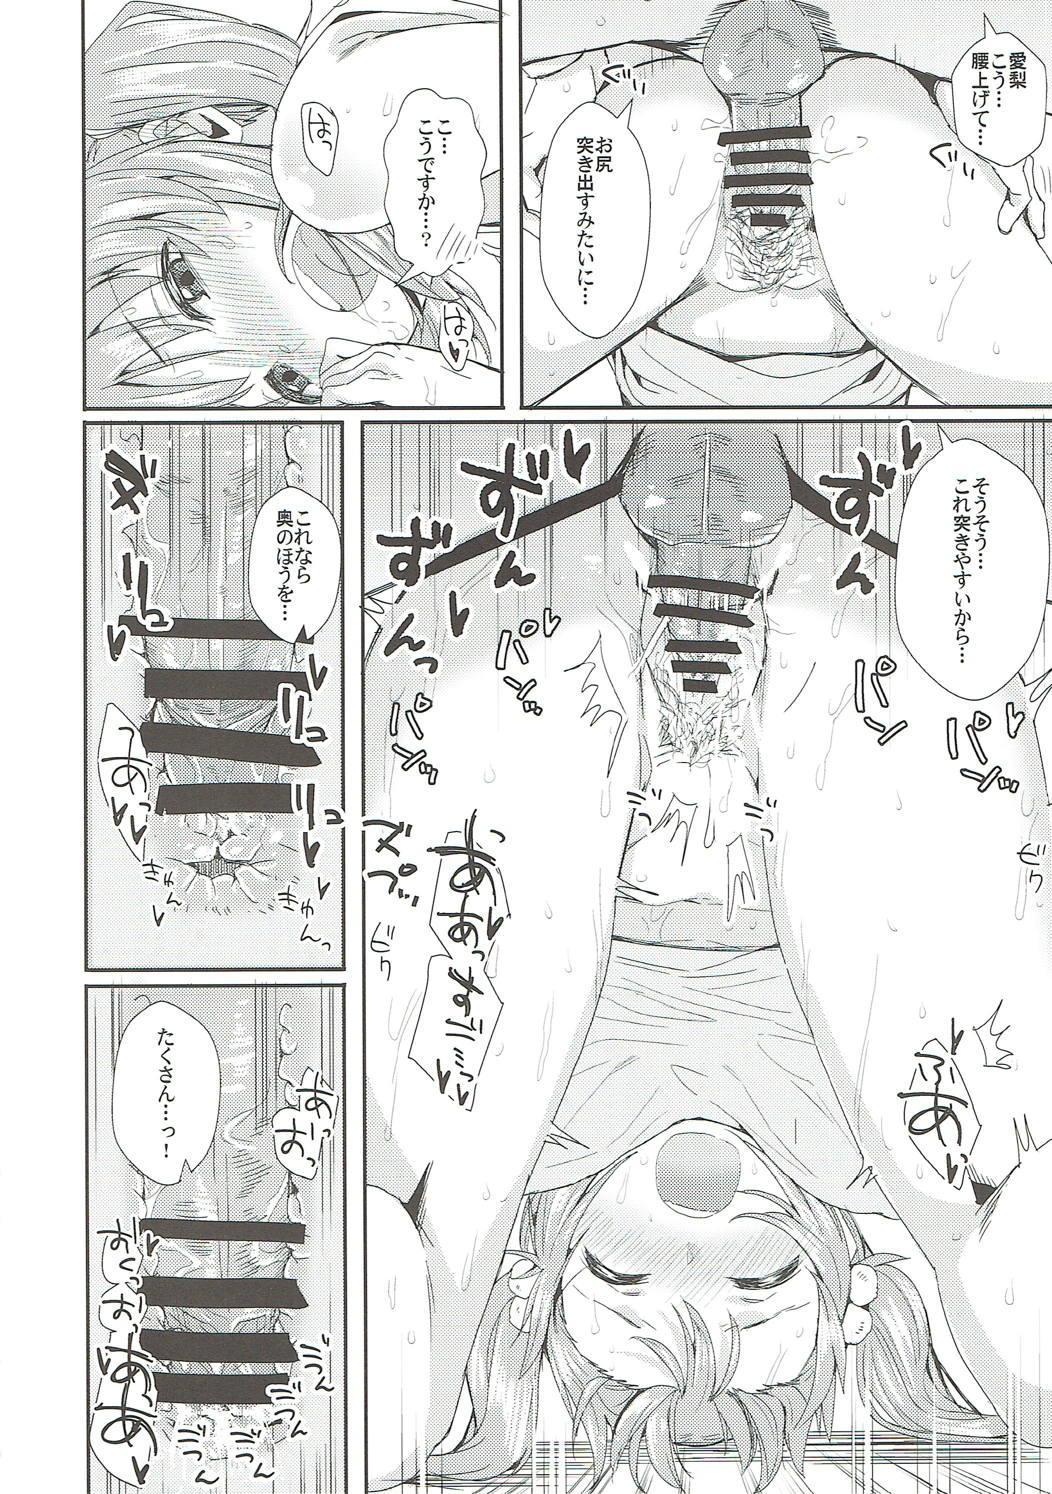 Ase mo Shitataru 6